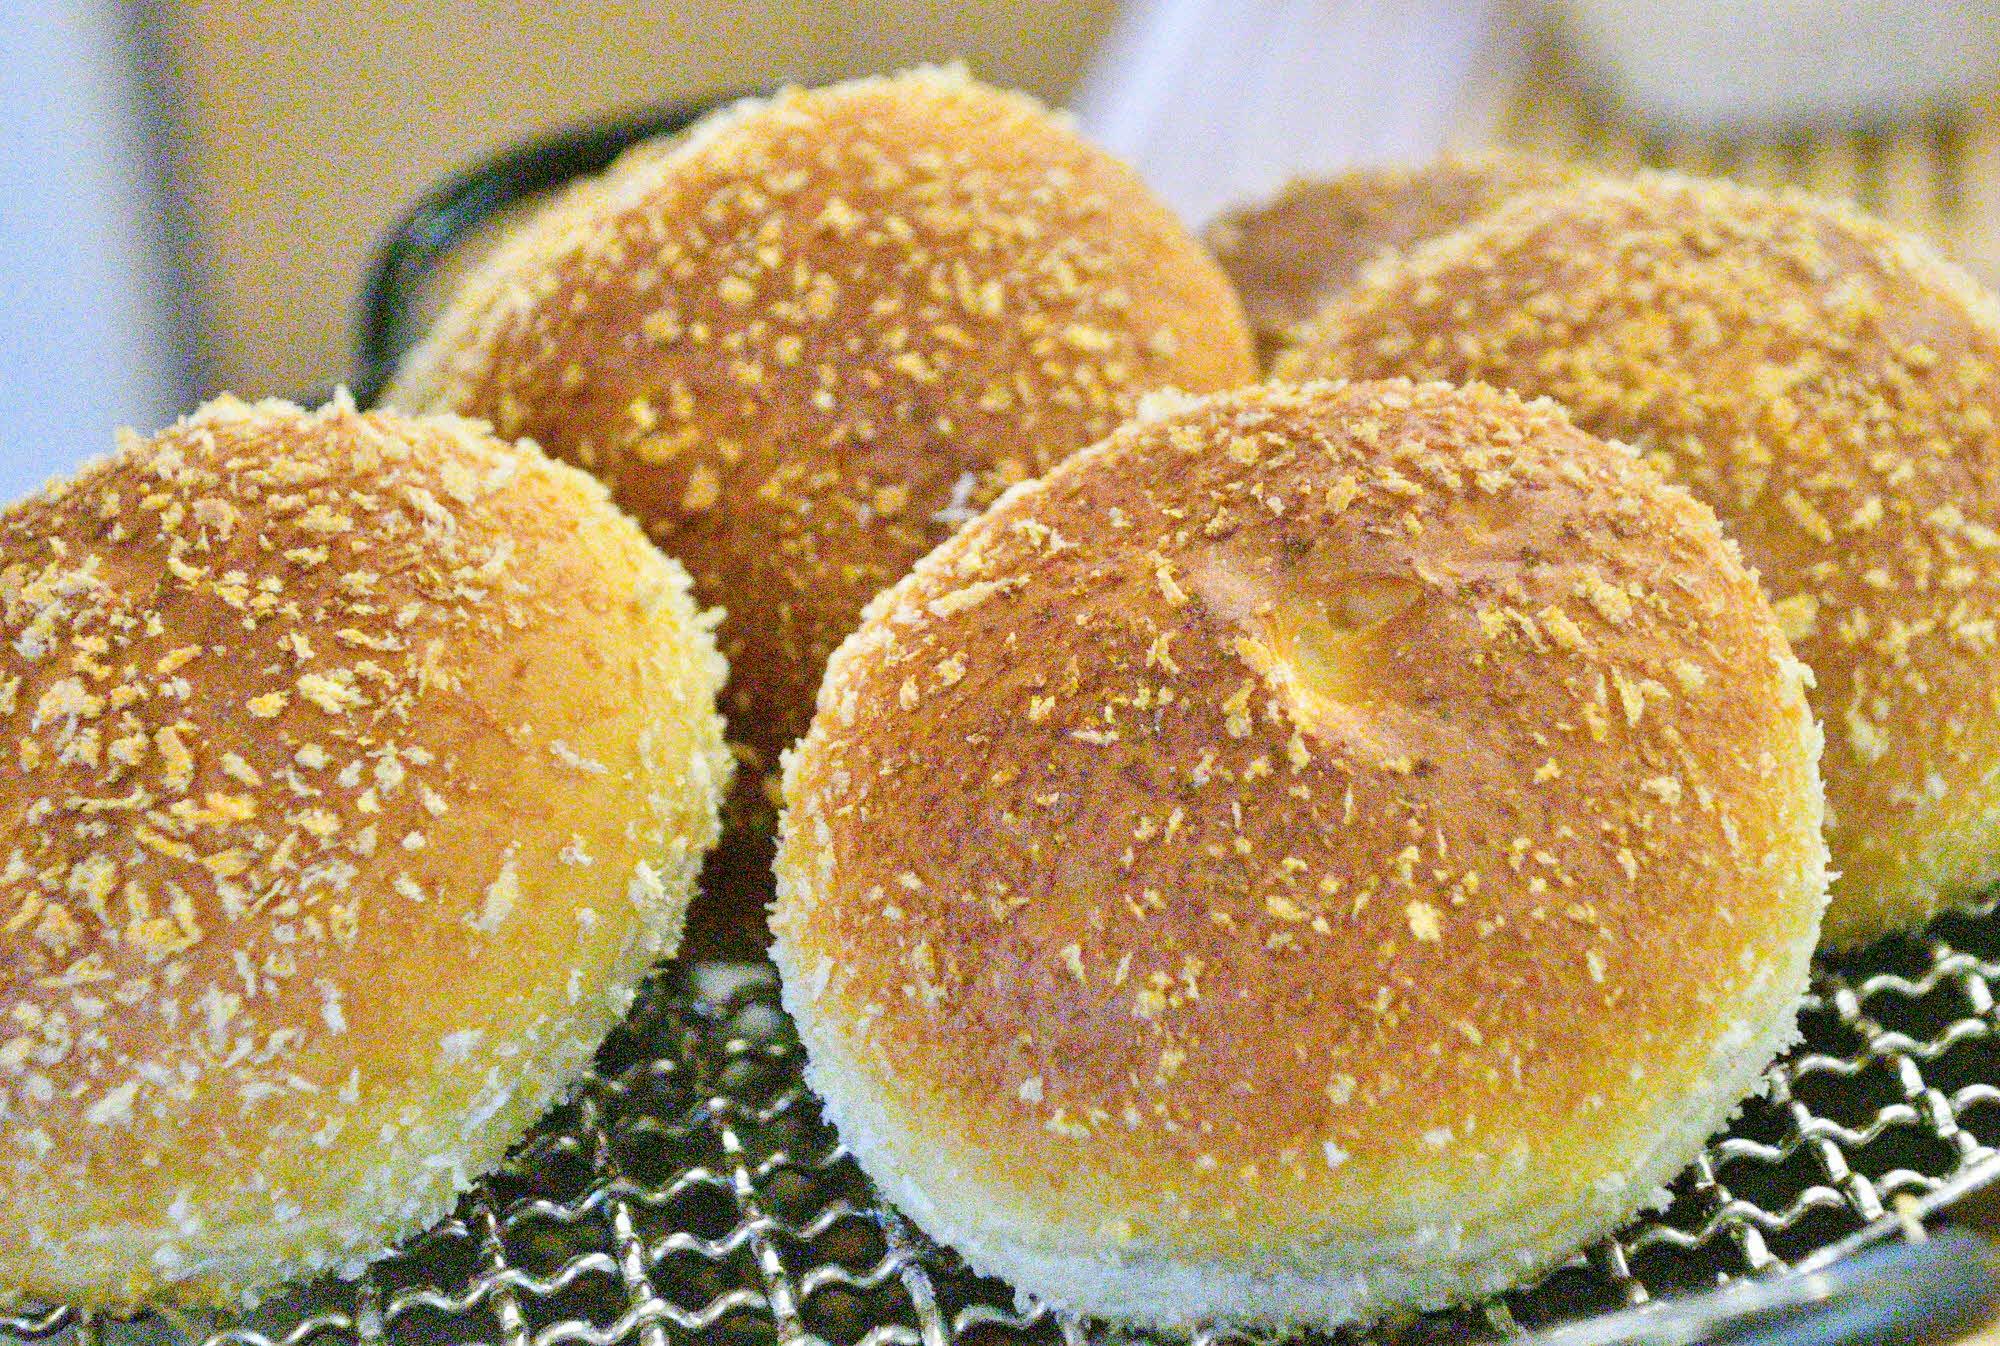 焼きカレーパンセット(和牛ごろごろカレーパン6個、さばカレーパン6個)